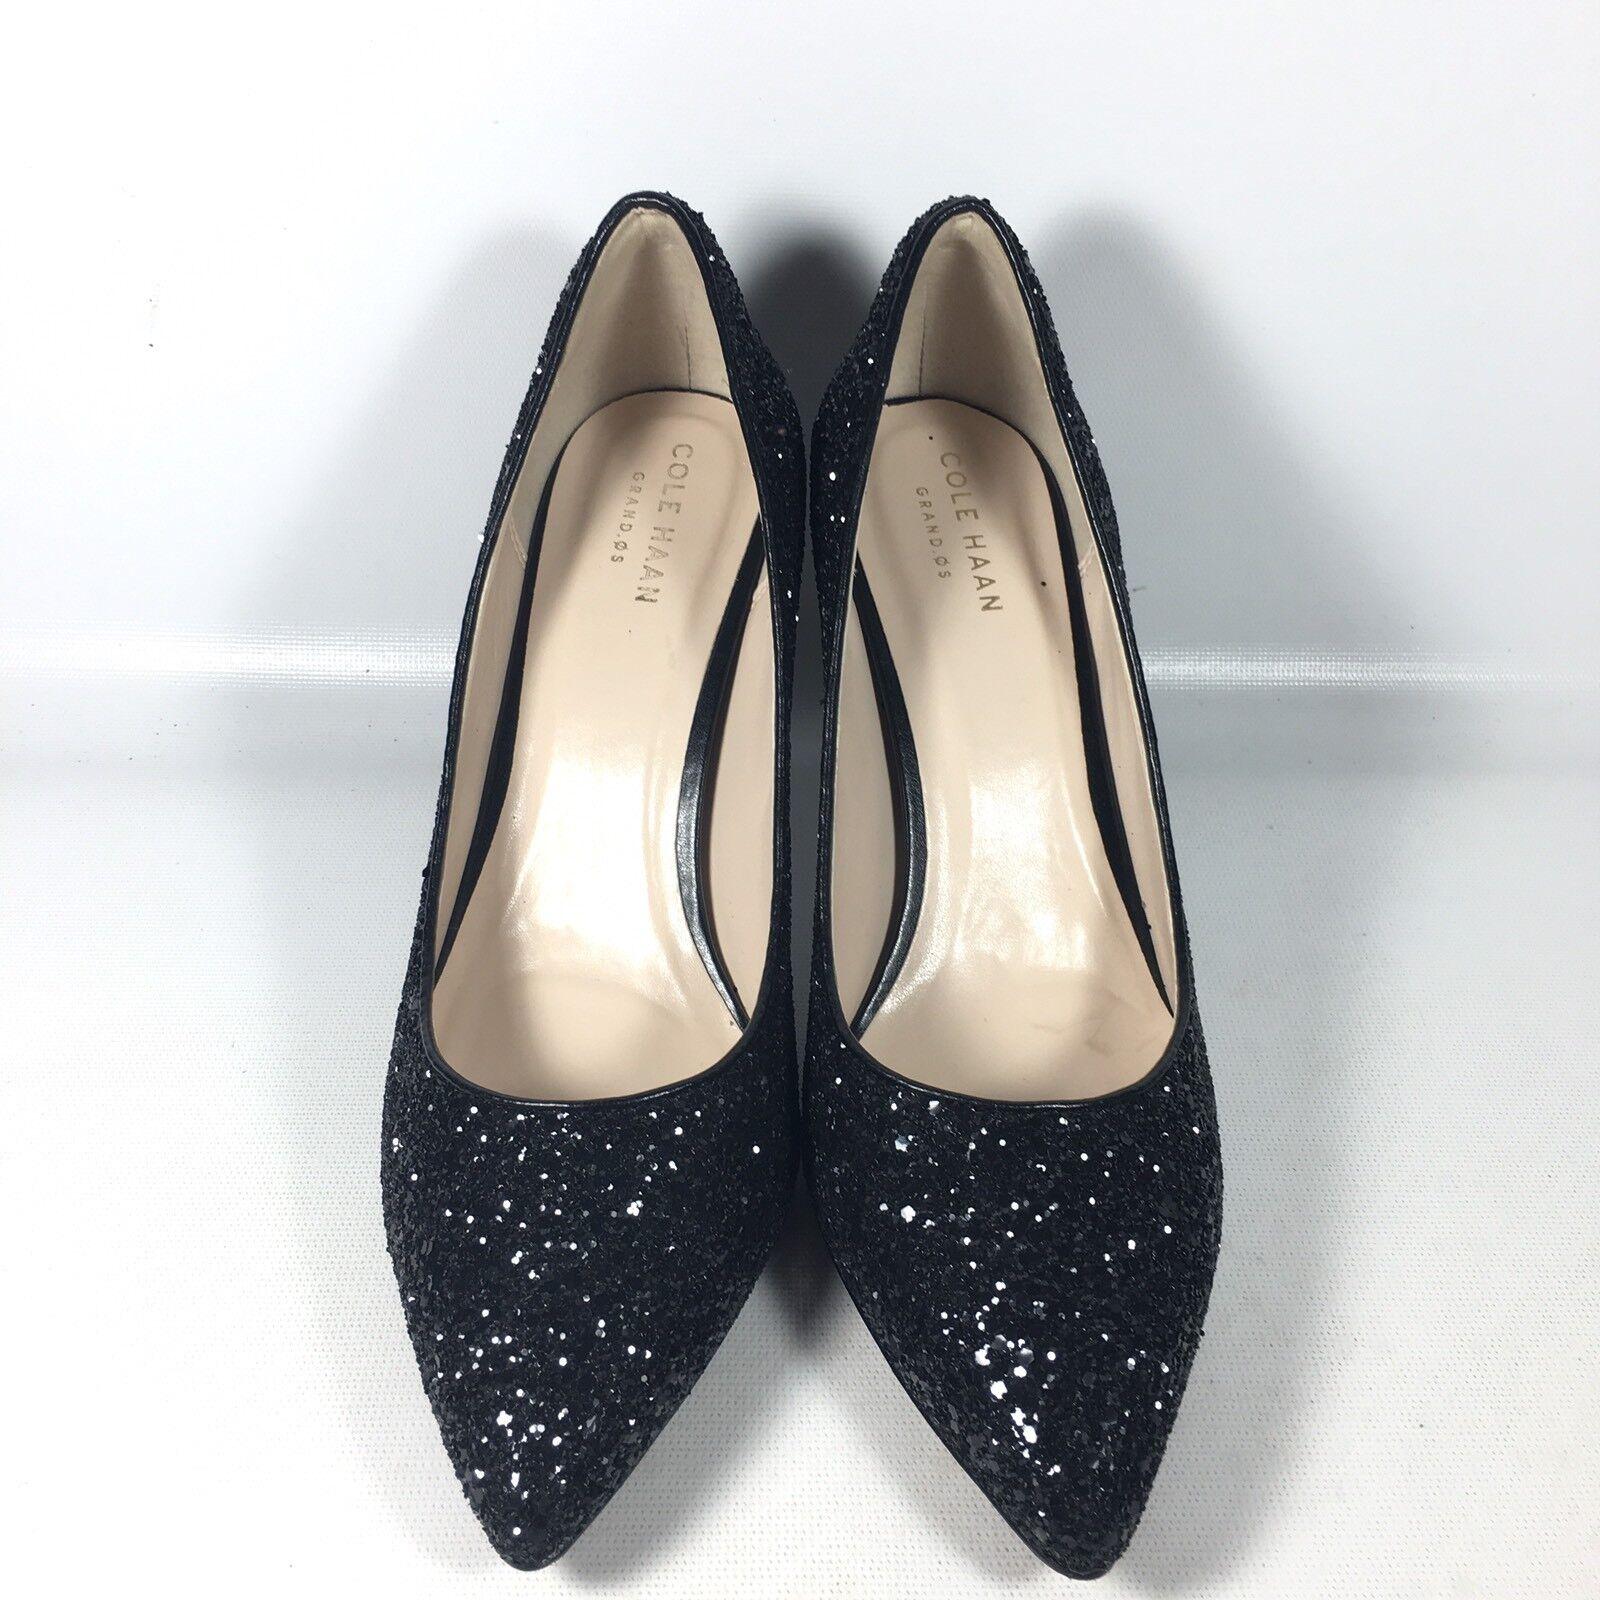 Cole Haan Haan Haan  Amela Grand  Womens 7.5 B Black Glitter Point Toe Pumps Heels d0c193